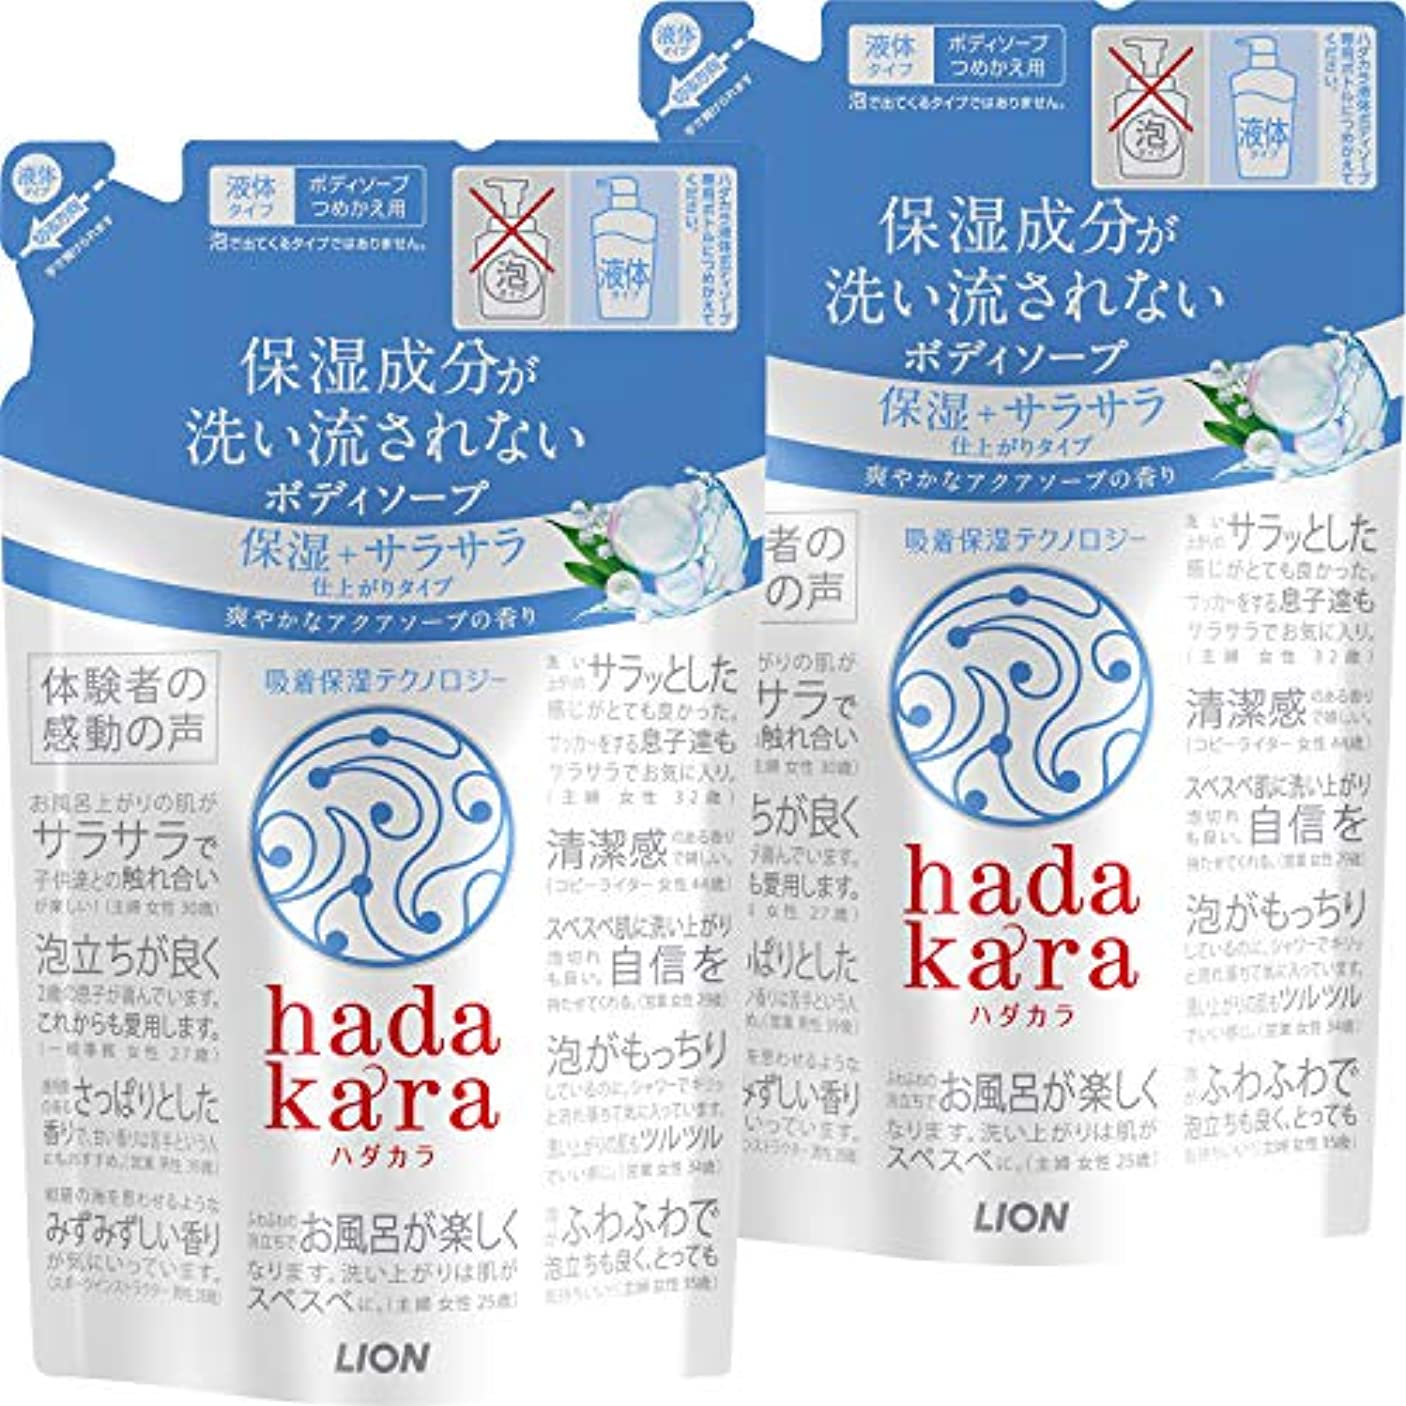 と弱まる人工【まとめ買い】hadakara(ハダカラ) ボディソープ 保湿+サラサラ仕上がりタイプ アクアソープの香り 詰め替え 340ml×2個パック